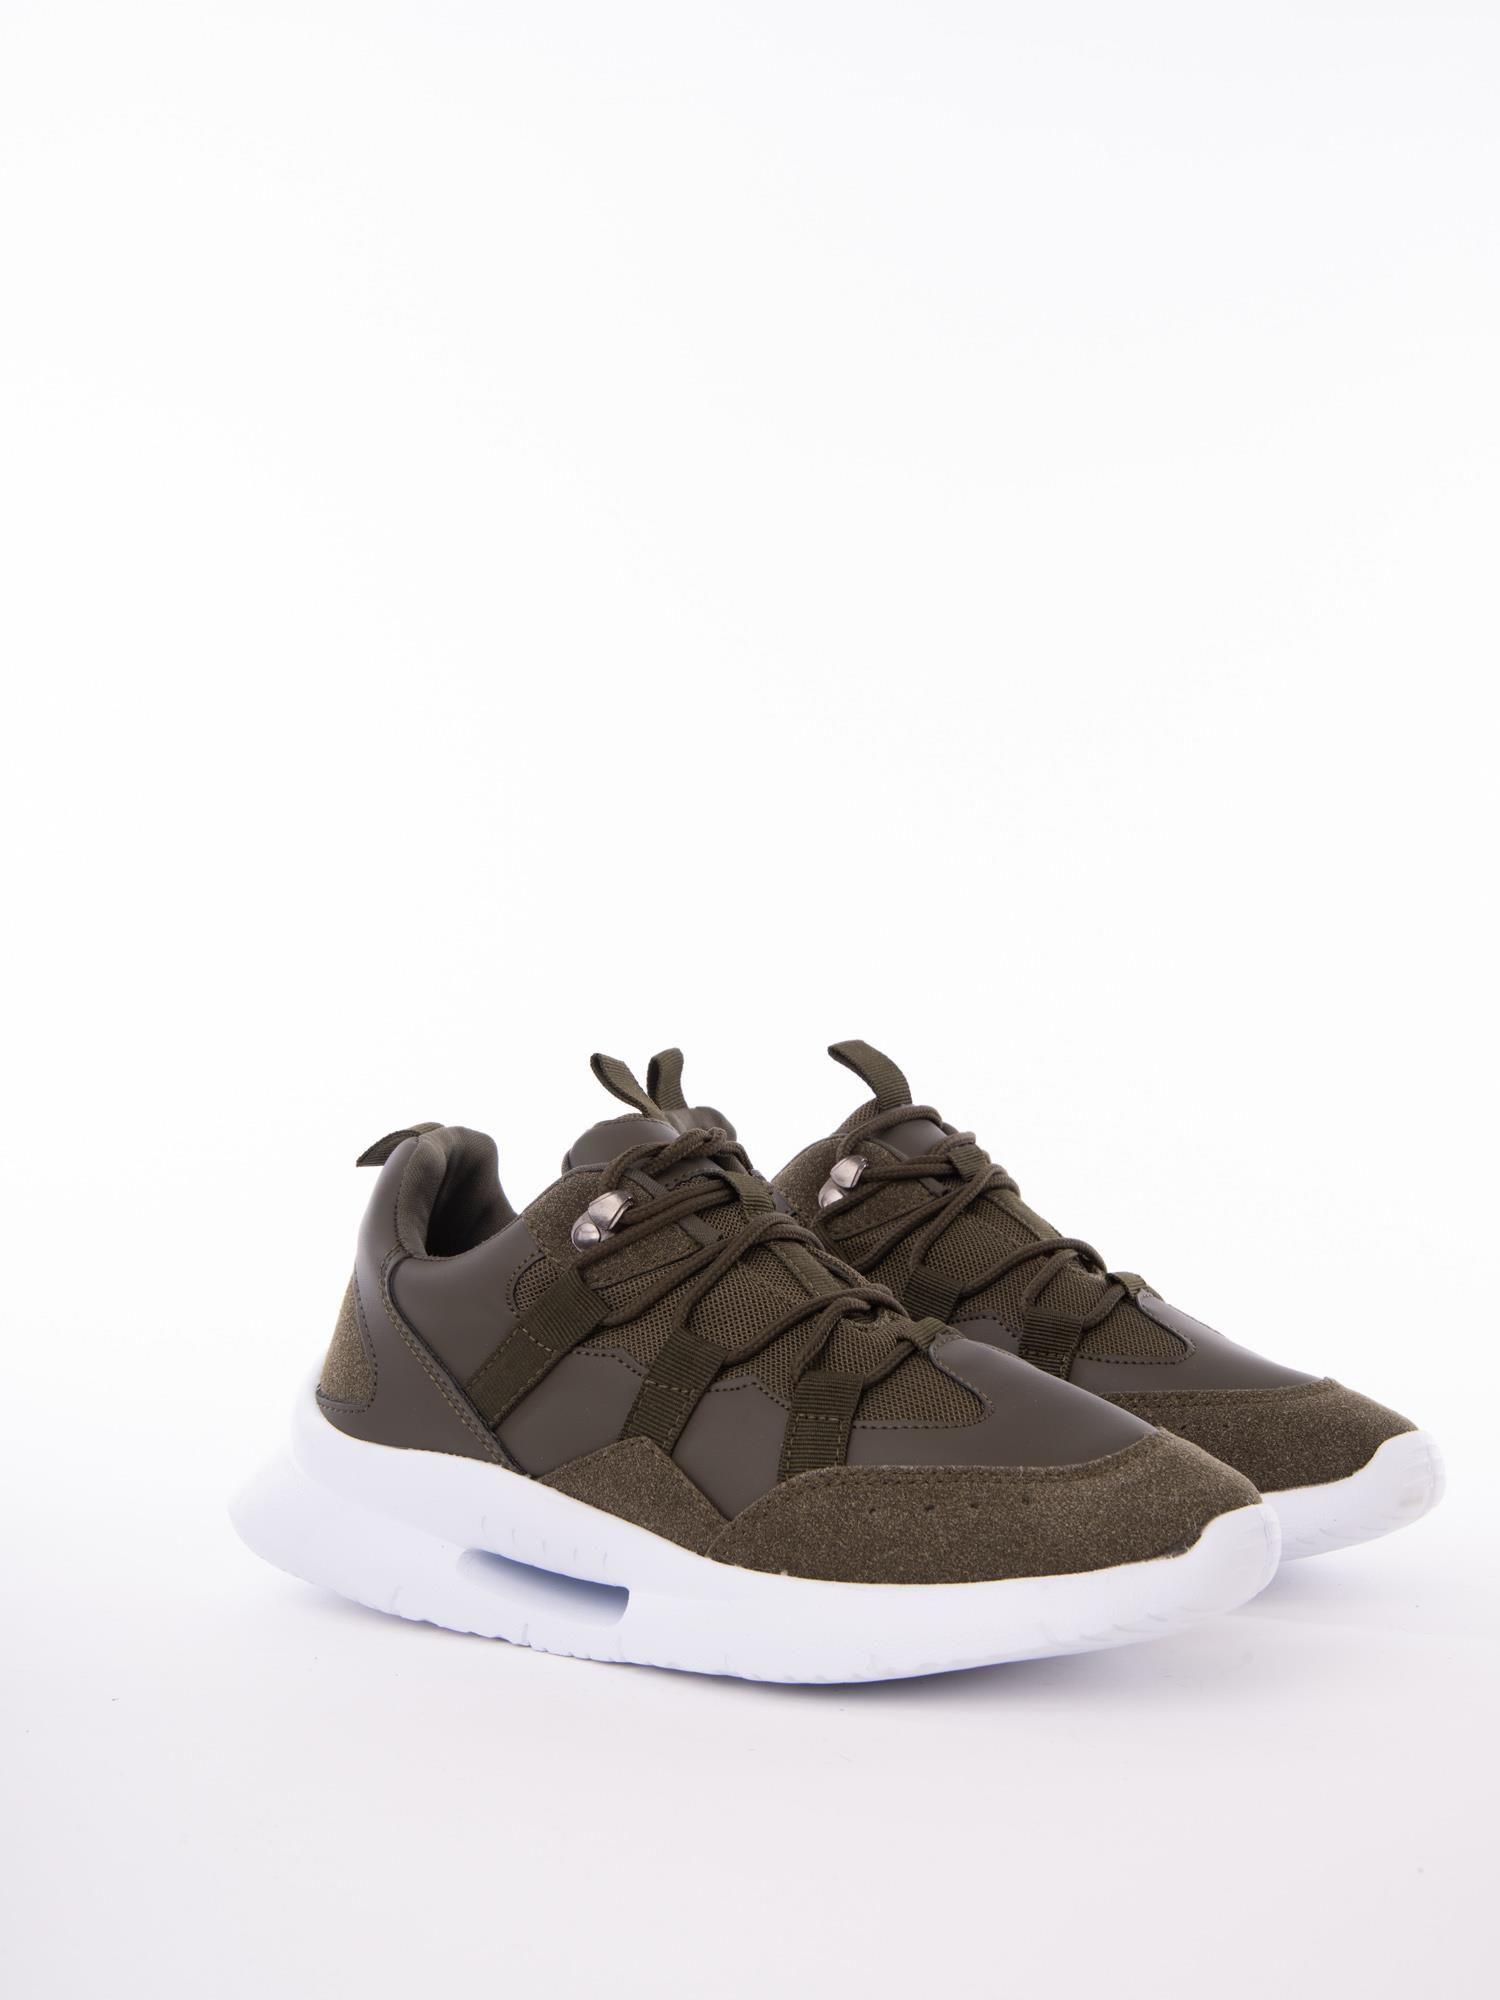 8296767c 1 · Oliwkowe buty sportowe z ozdobnym sznurowaniem i sprężystą podeszwą ...